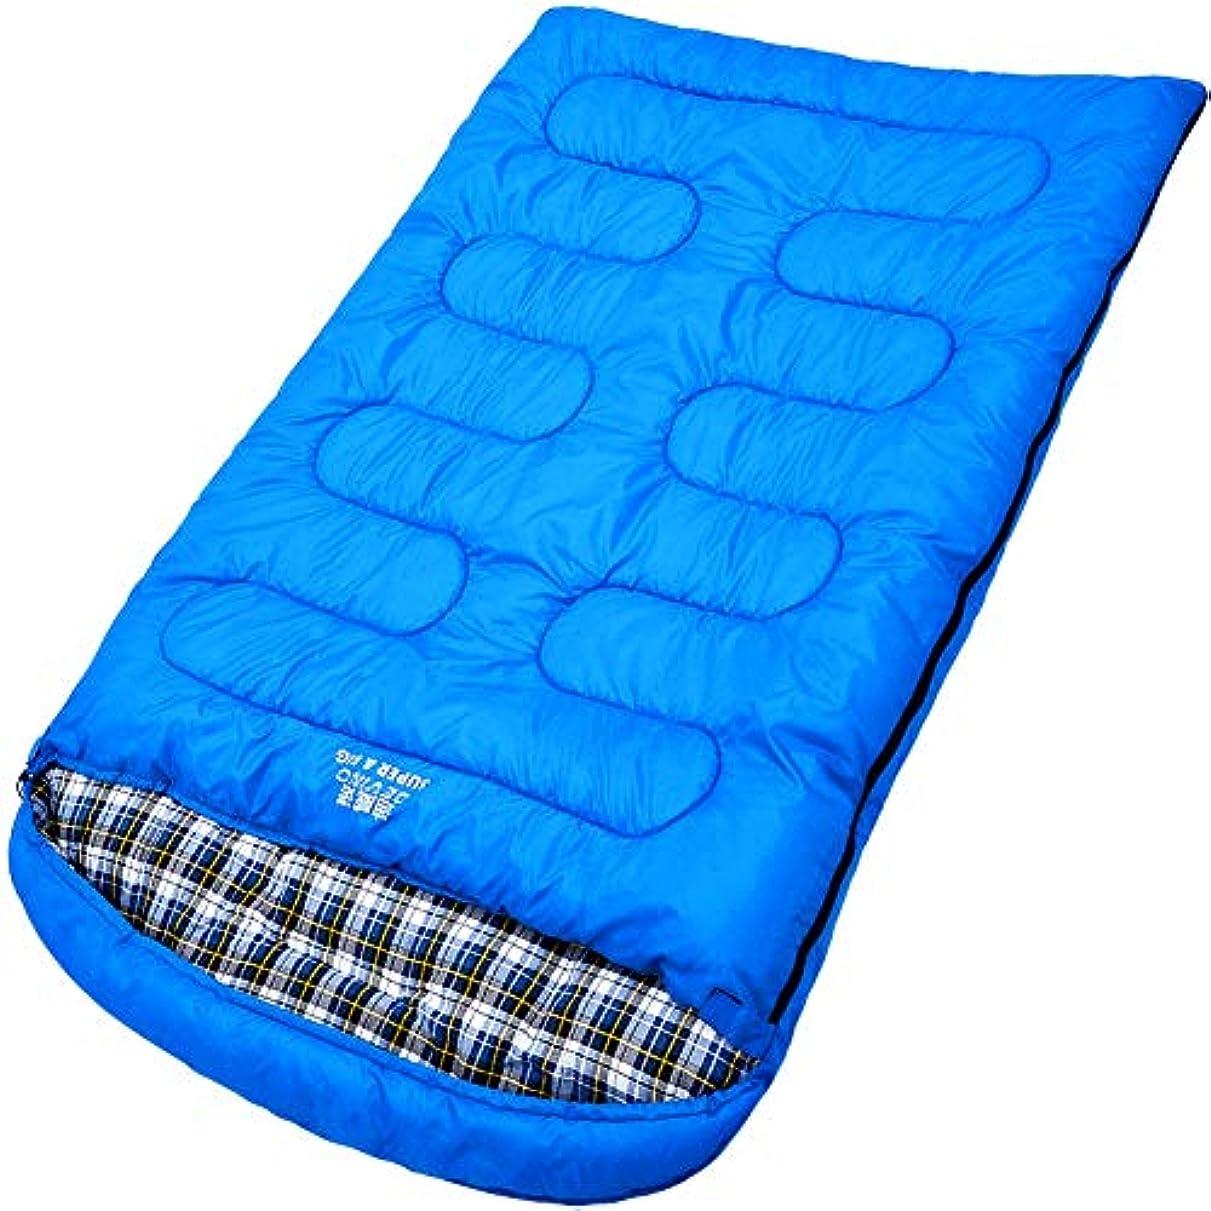 意味のある誕生しかしDurable,Breathableダブル寝袋、ポータブル快適な睡眠パッド大人特大寒い天気暖かい睡眠袋キャンプハイキング屋外活動